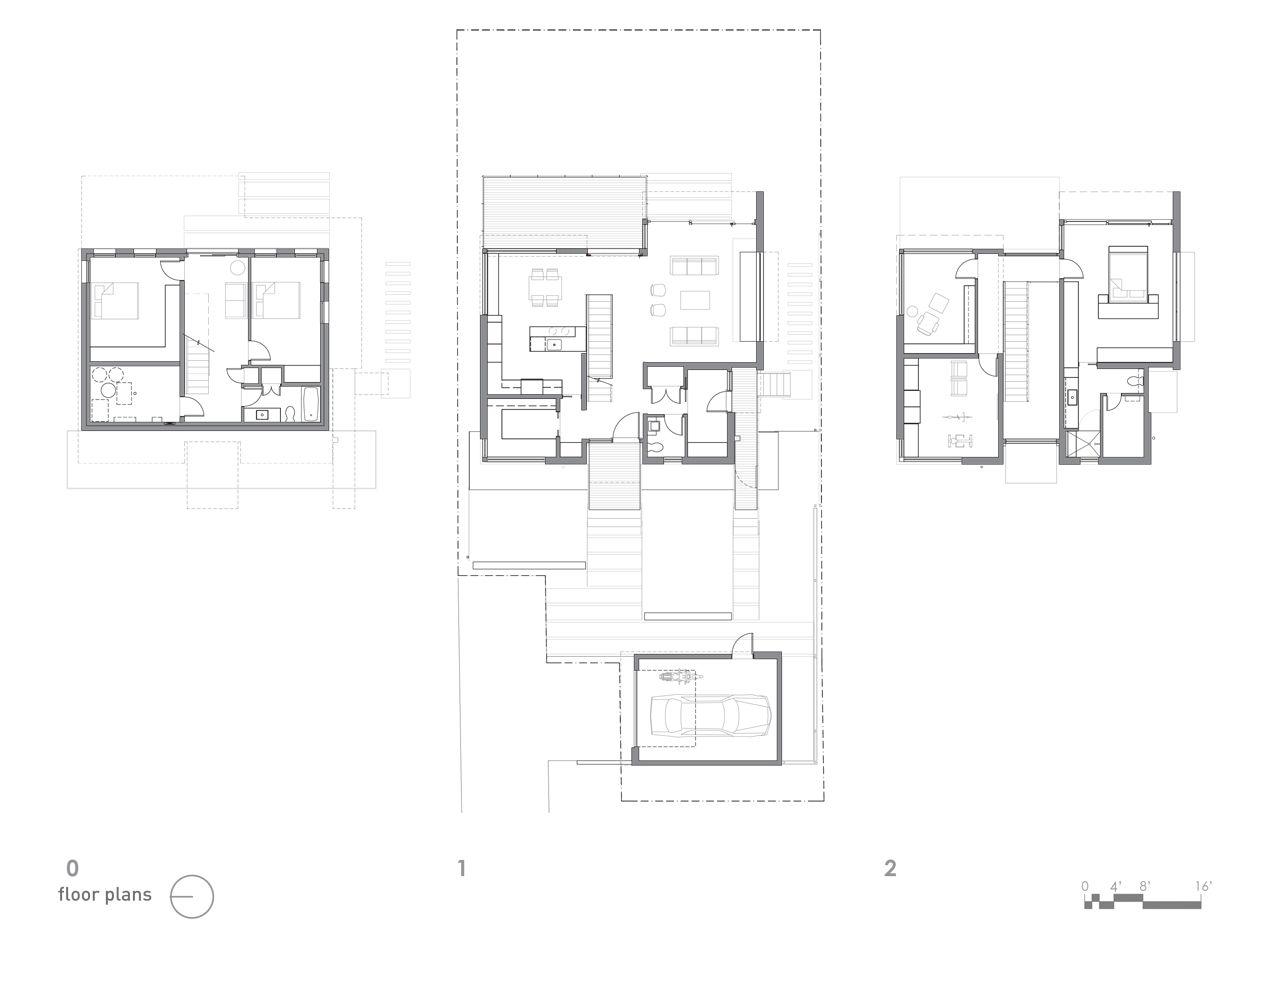 CapHill_floor plans